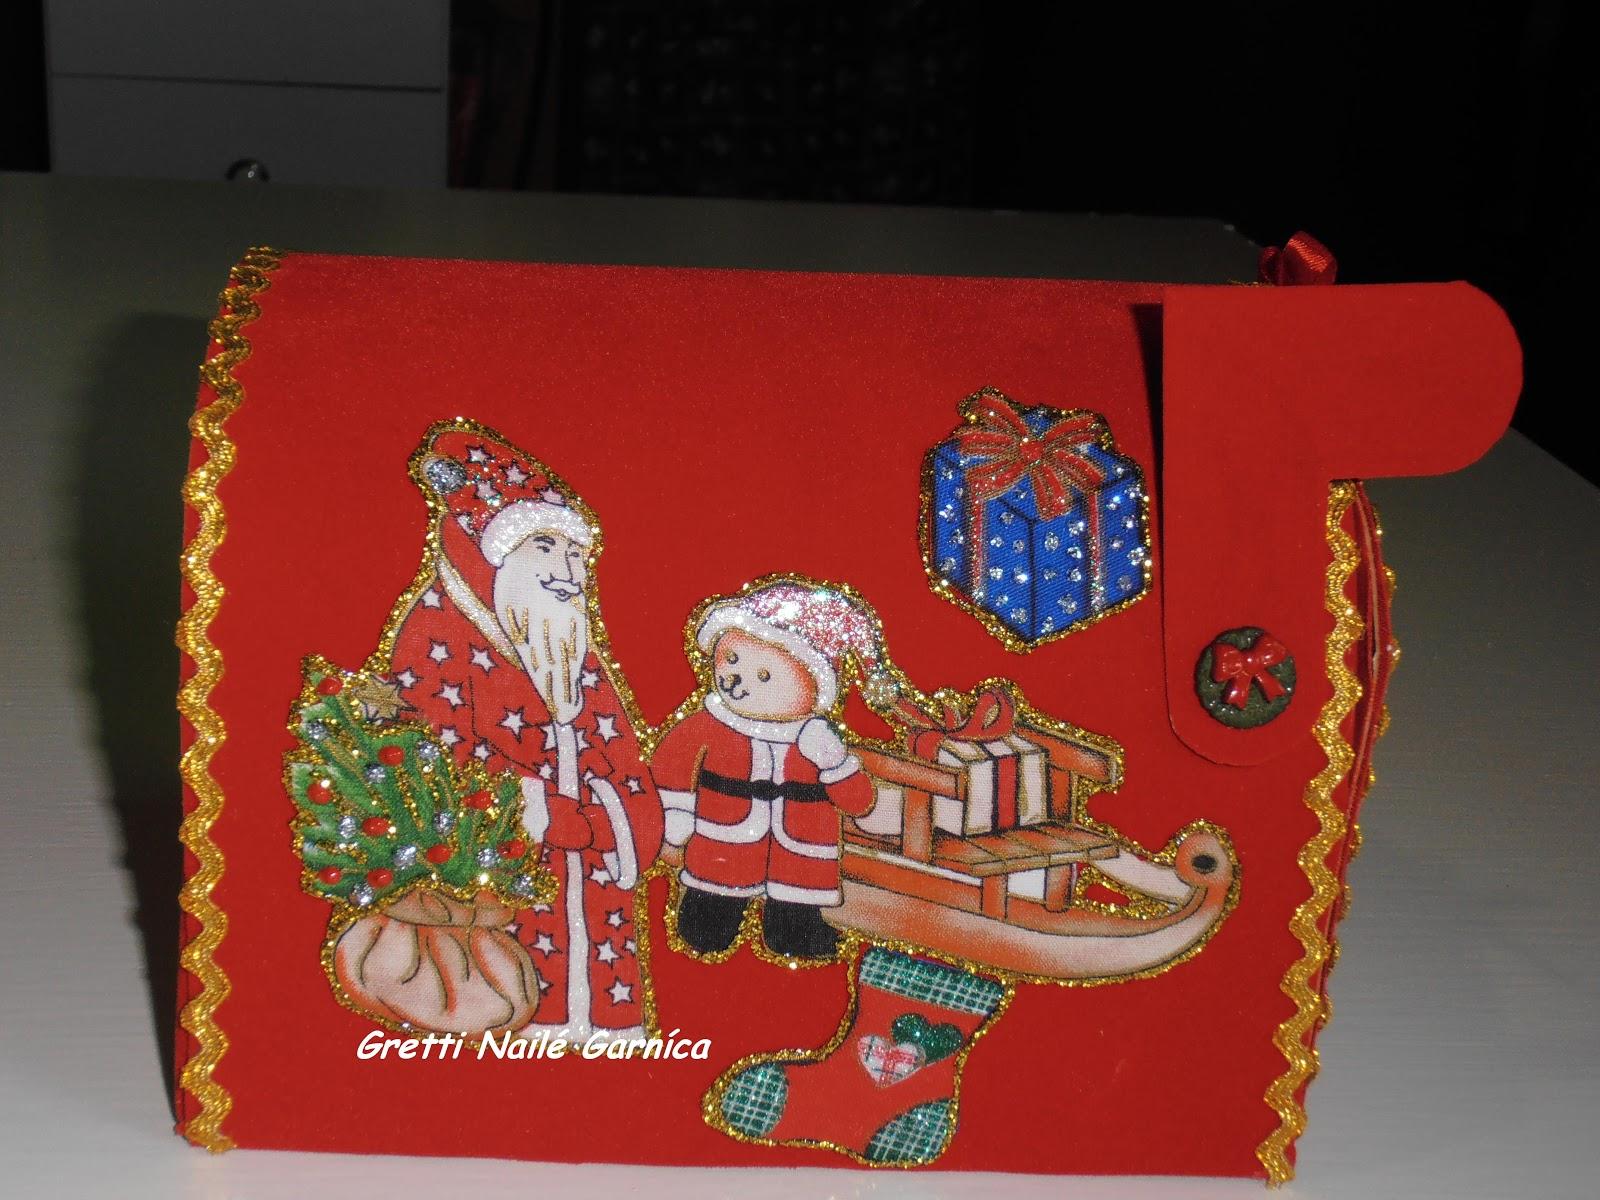 Manualidades y creaciones de gretti detalles para navidad - Detalles de navidad manualidades ...